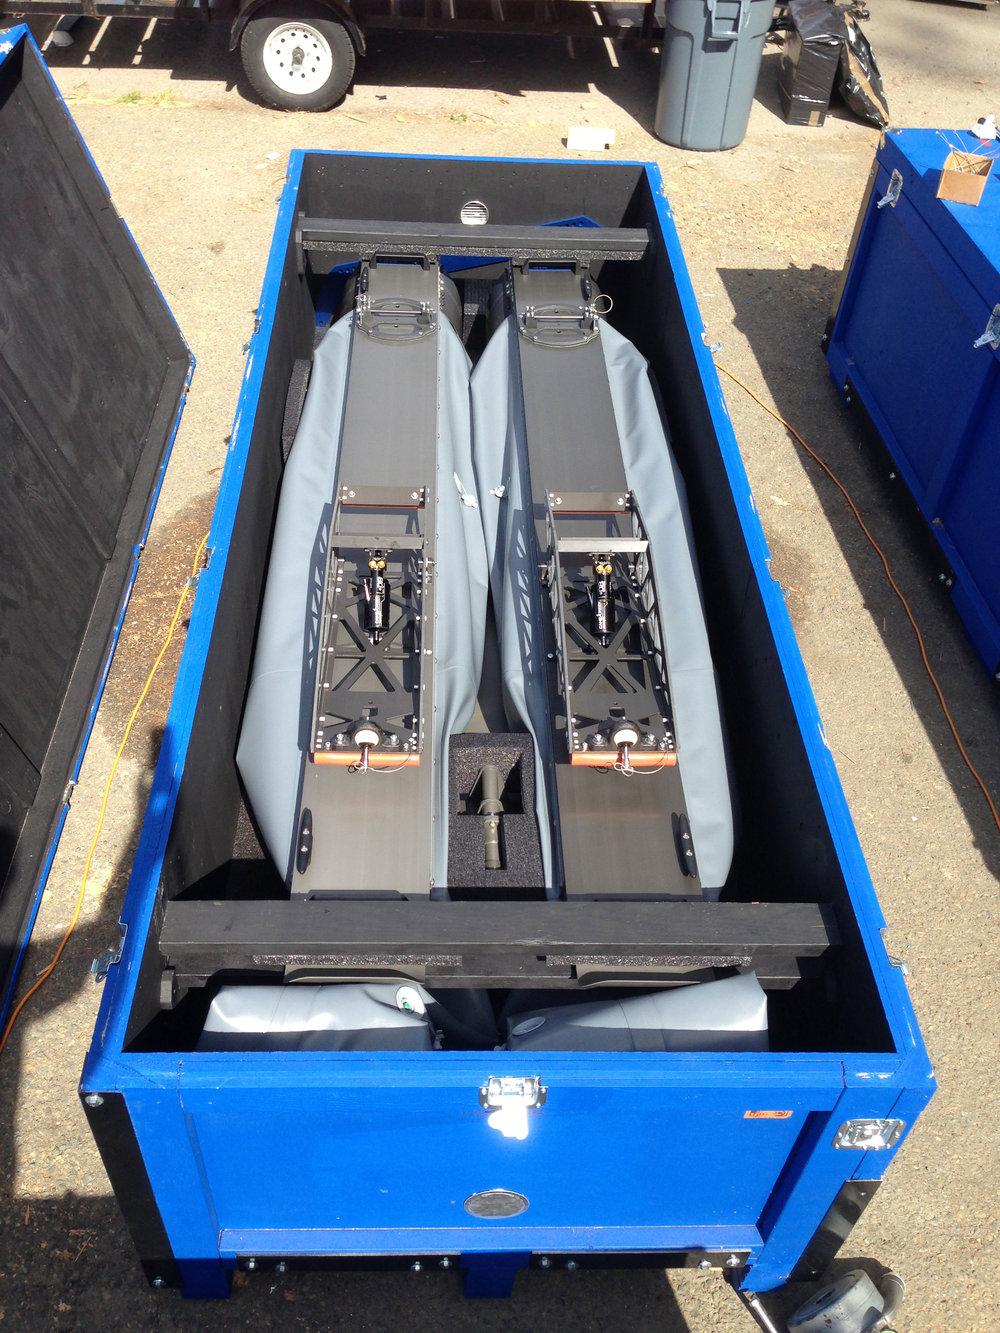 WAM-V 16 USV is Easy to Pack